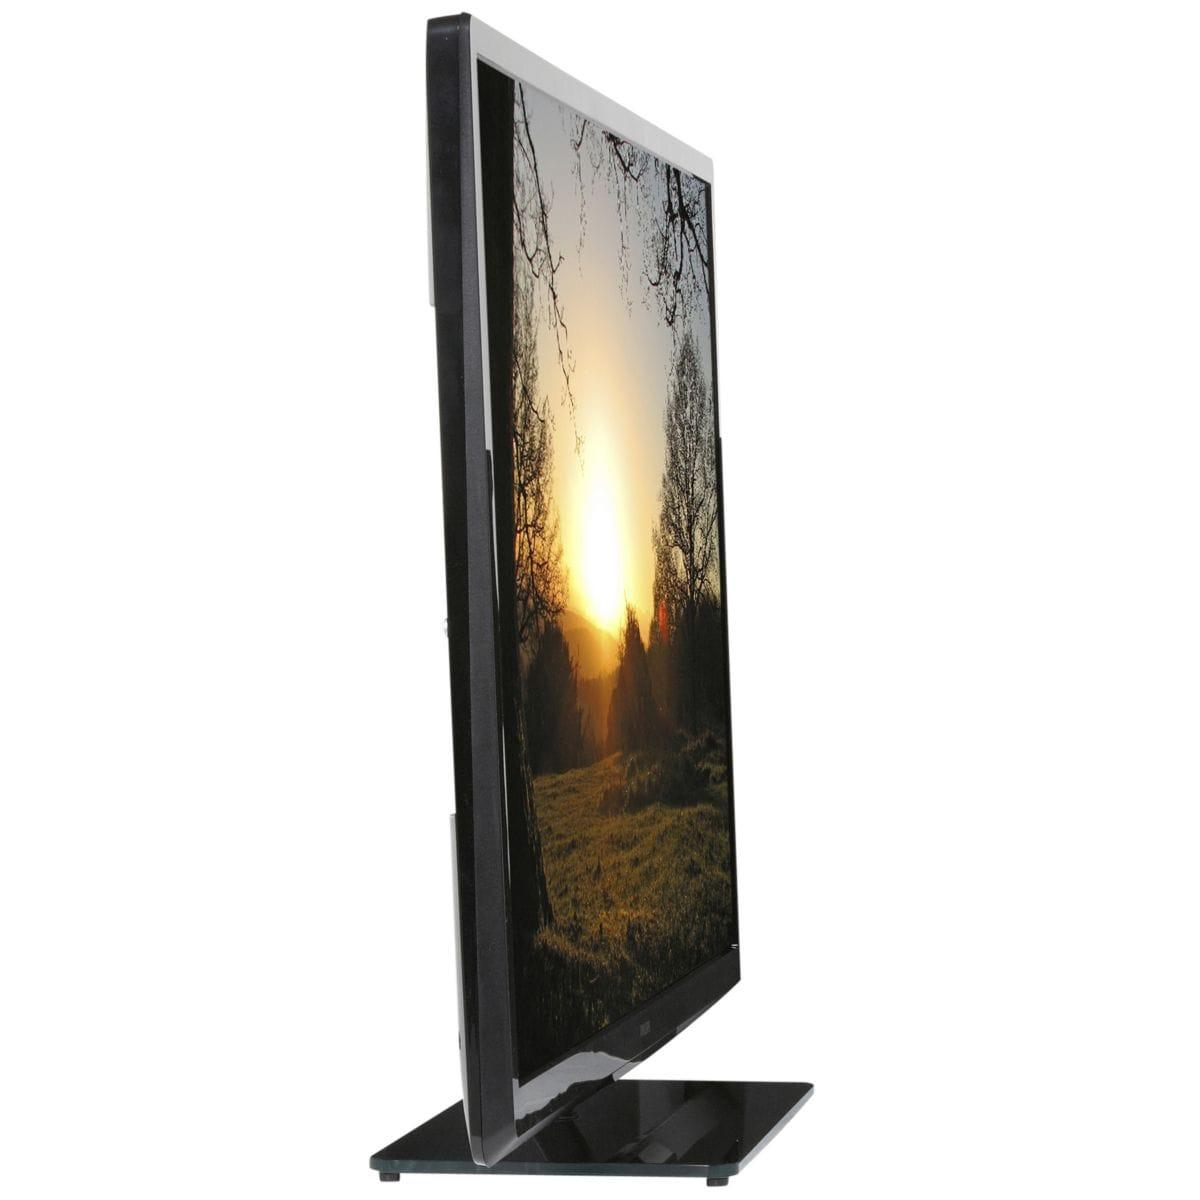 smart tv led full hd 107 cm philips 42pfl3507h reconditionn back market. Black Bedroom Furniture Sets. Home Design Ideas